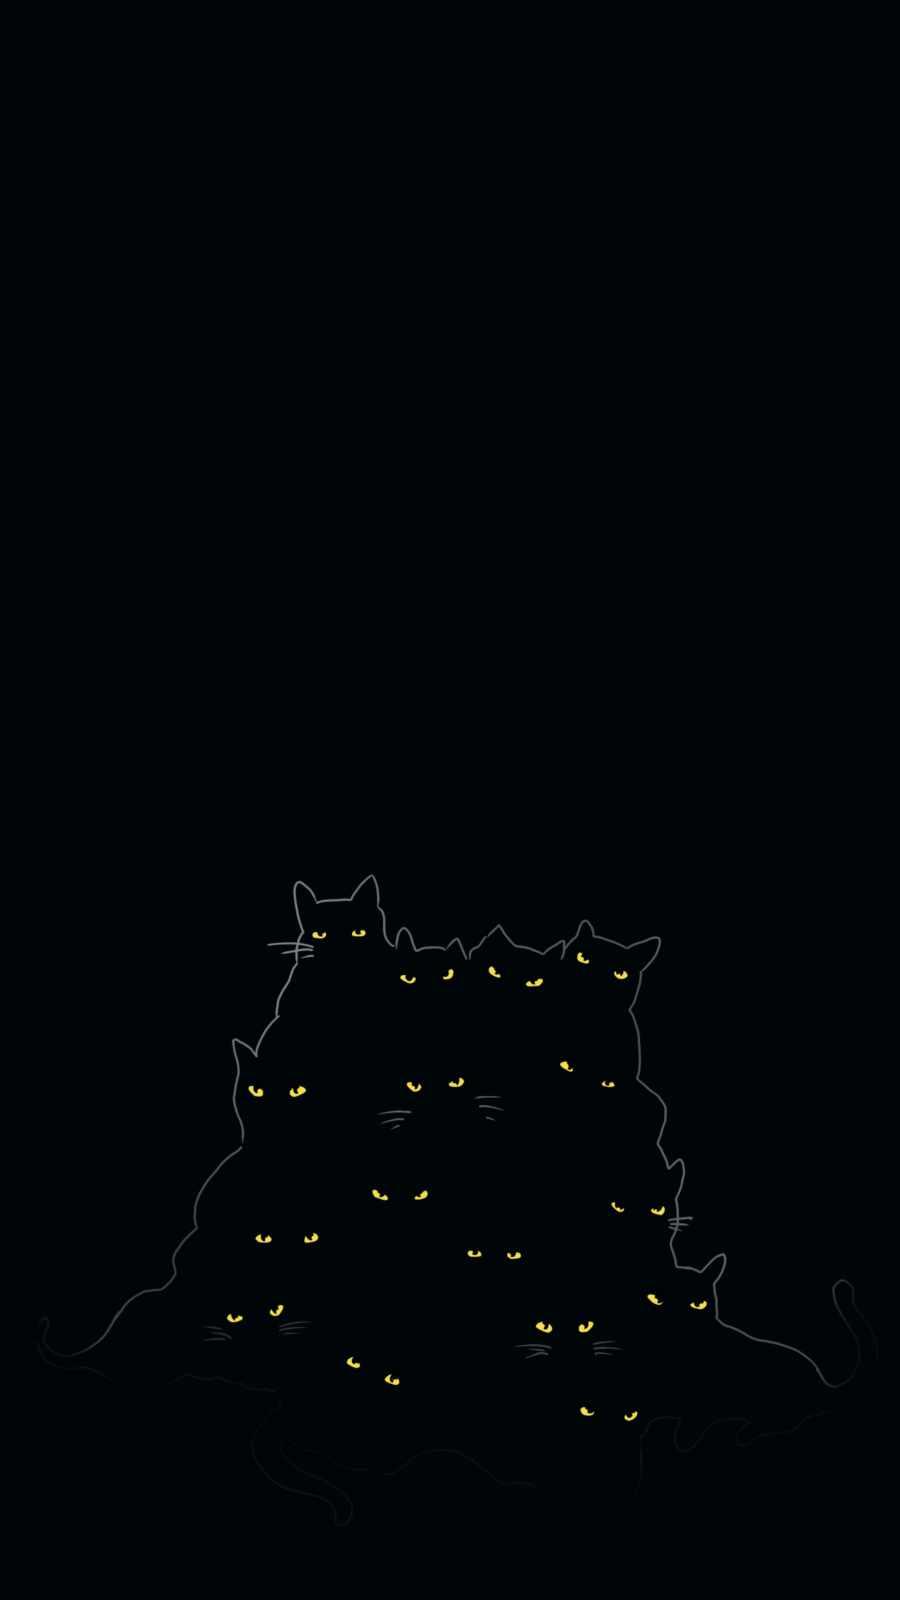 Black Cats iPhone Wallpaper